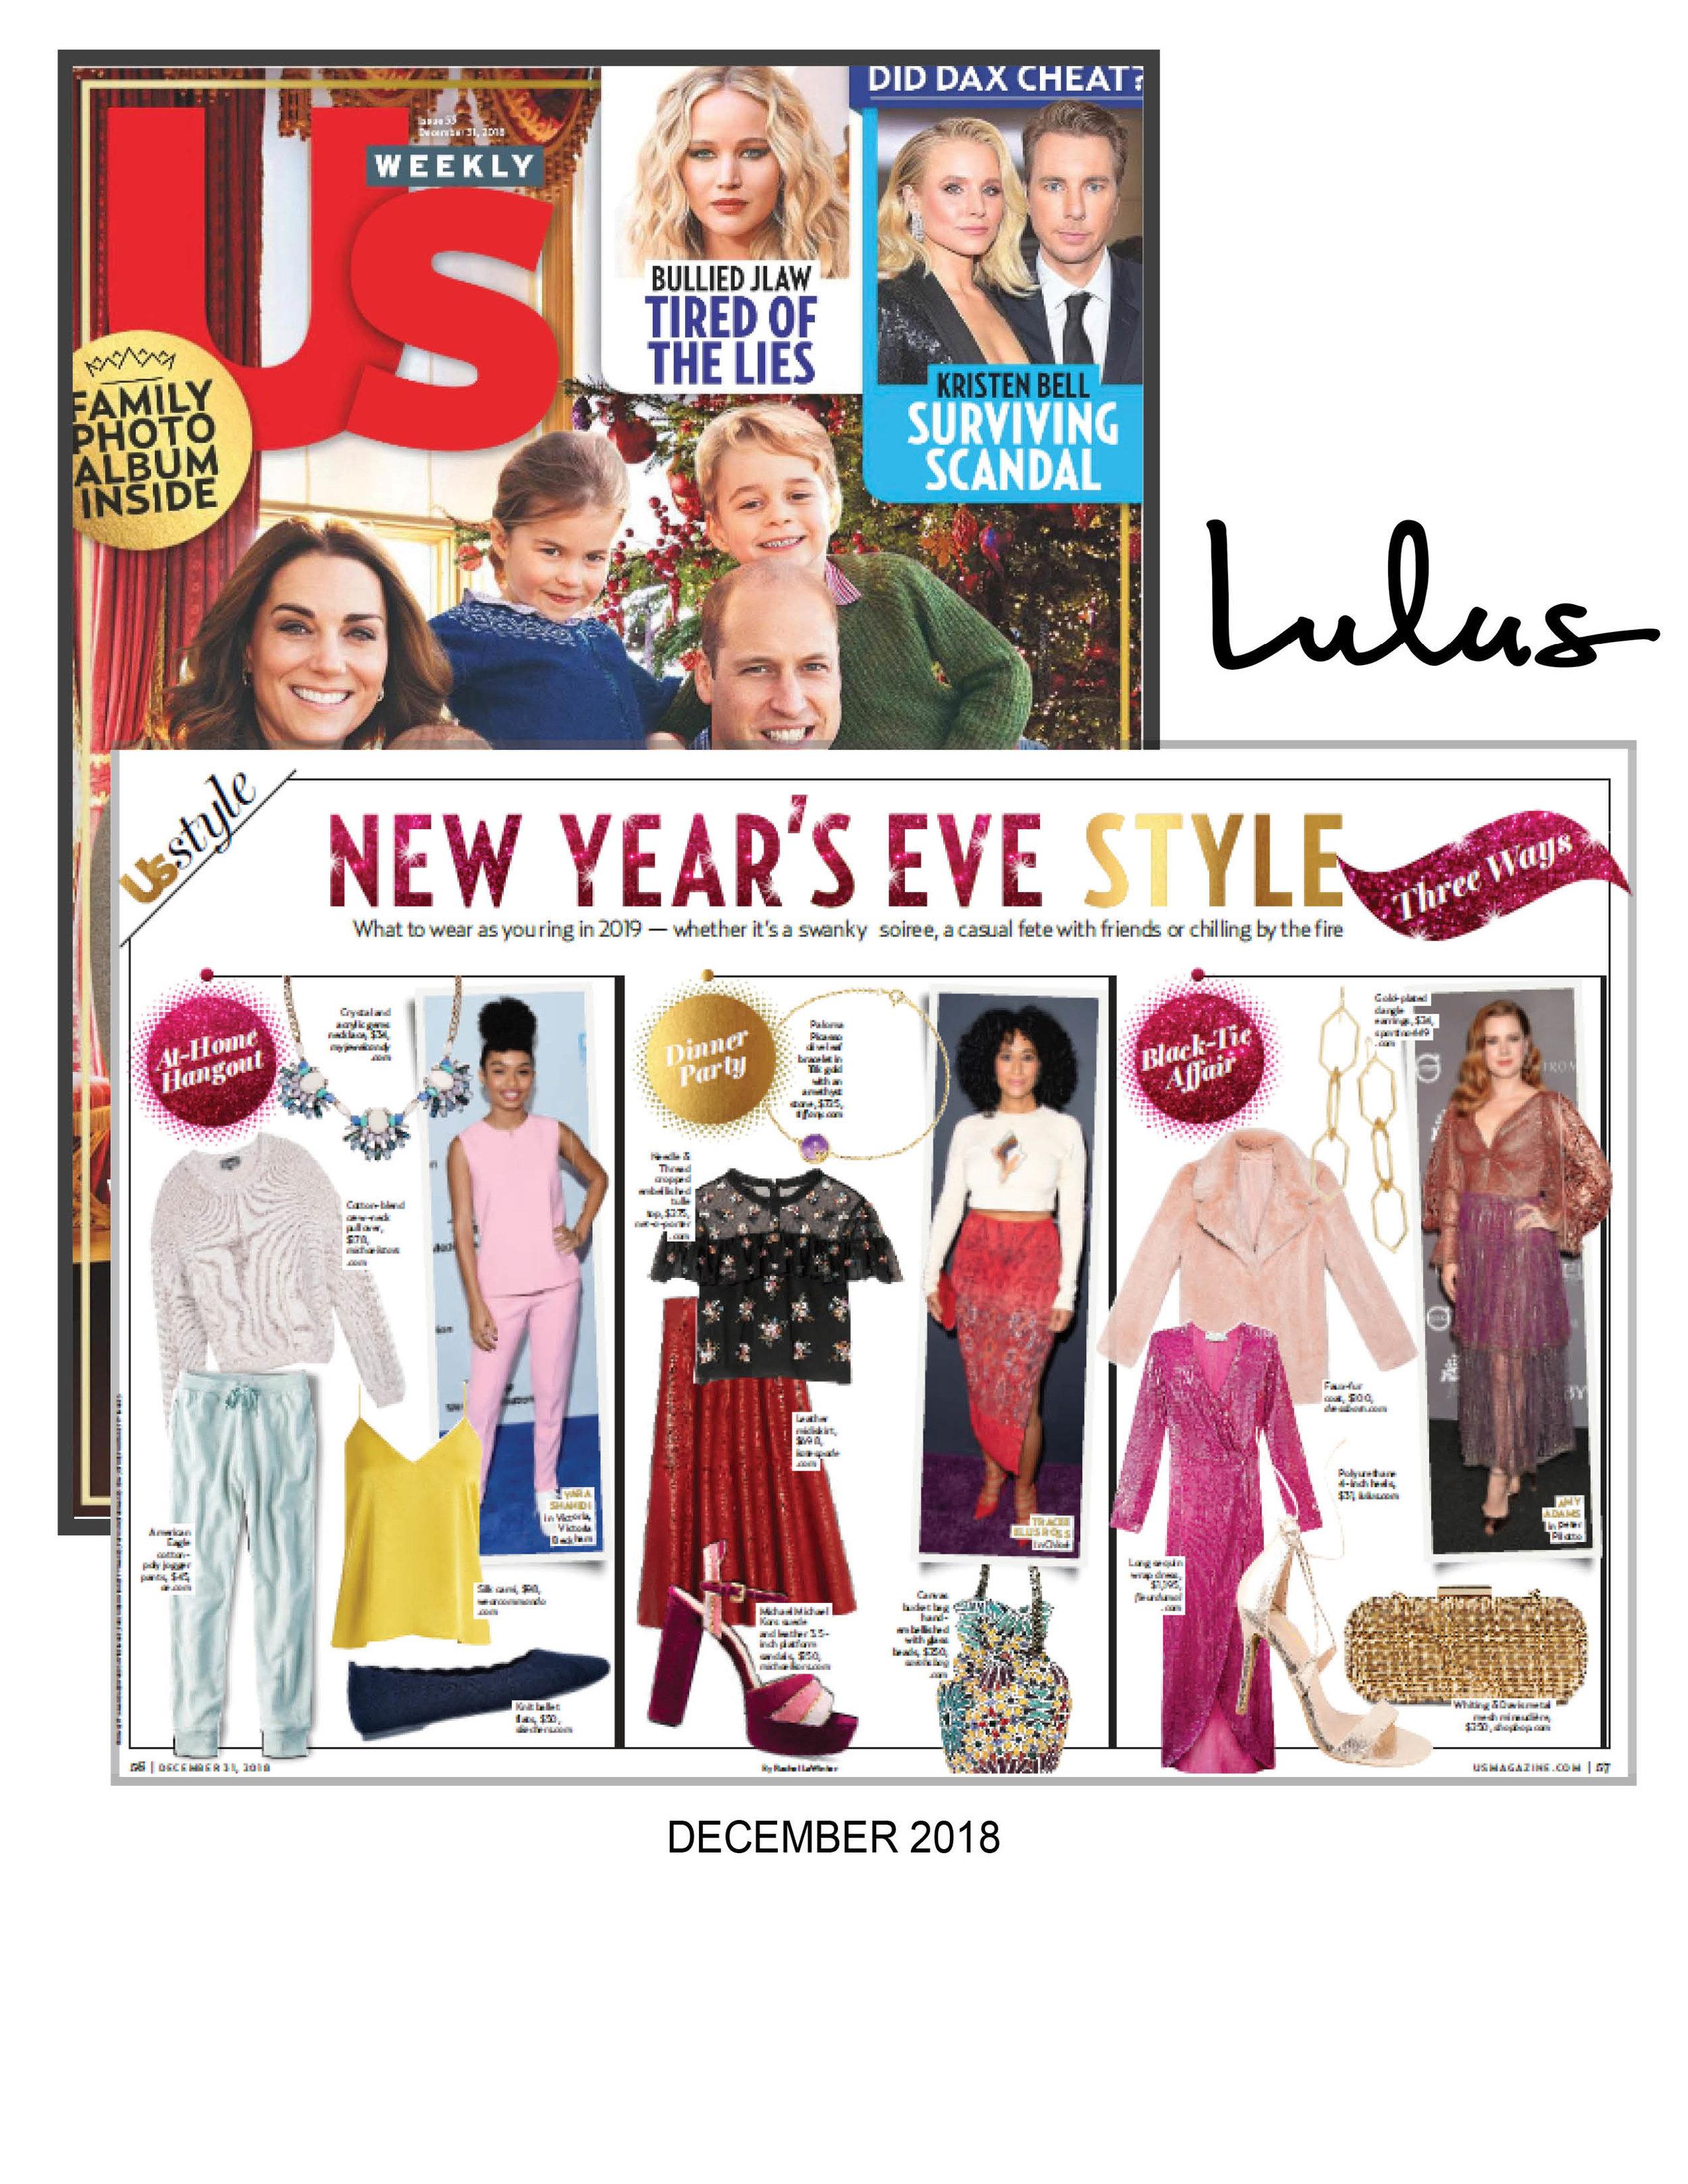 Lulus_UsWeekly_Dec2018.jpg